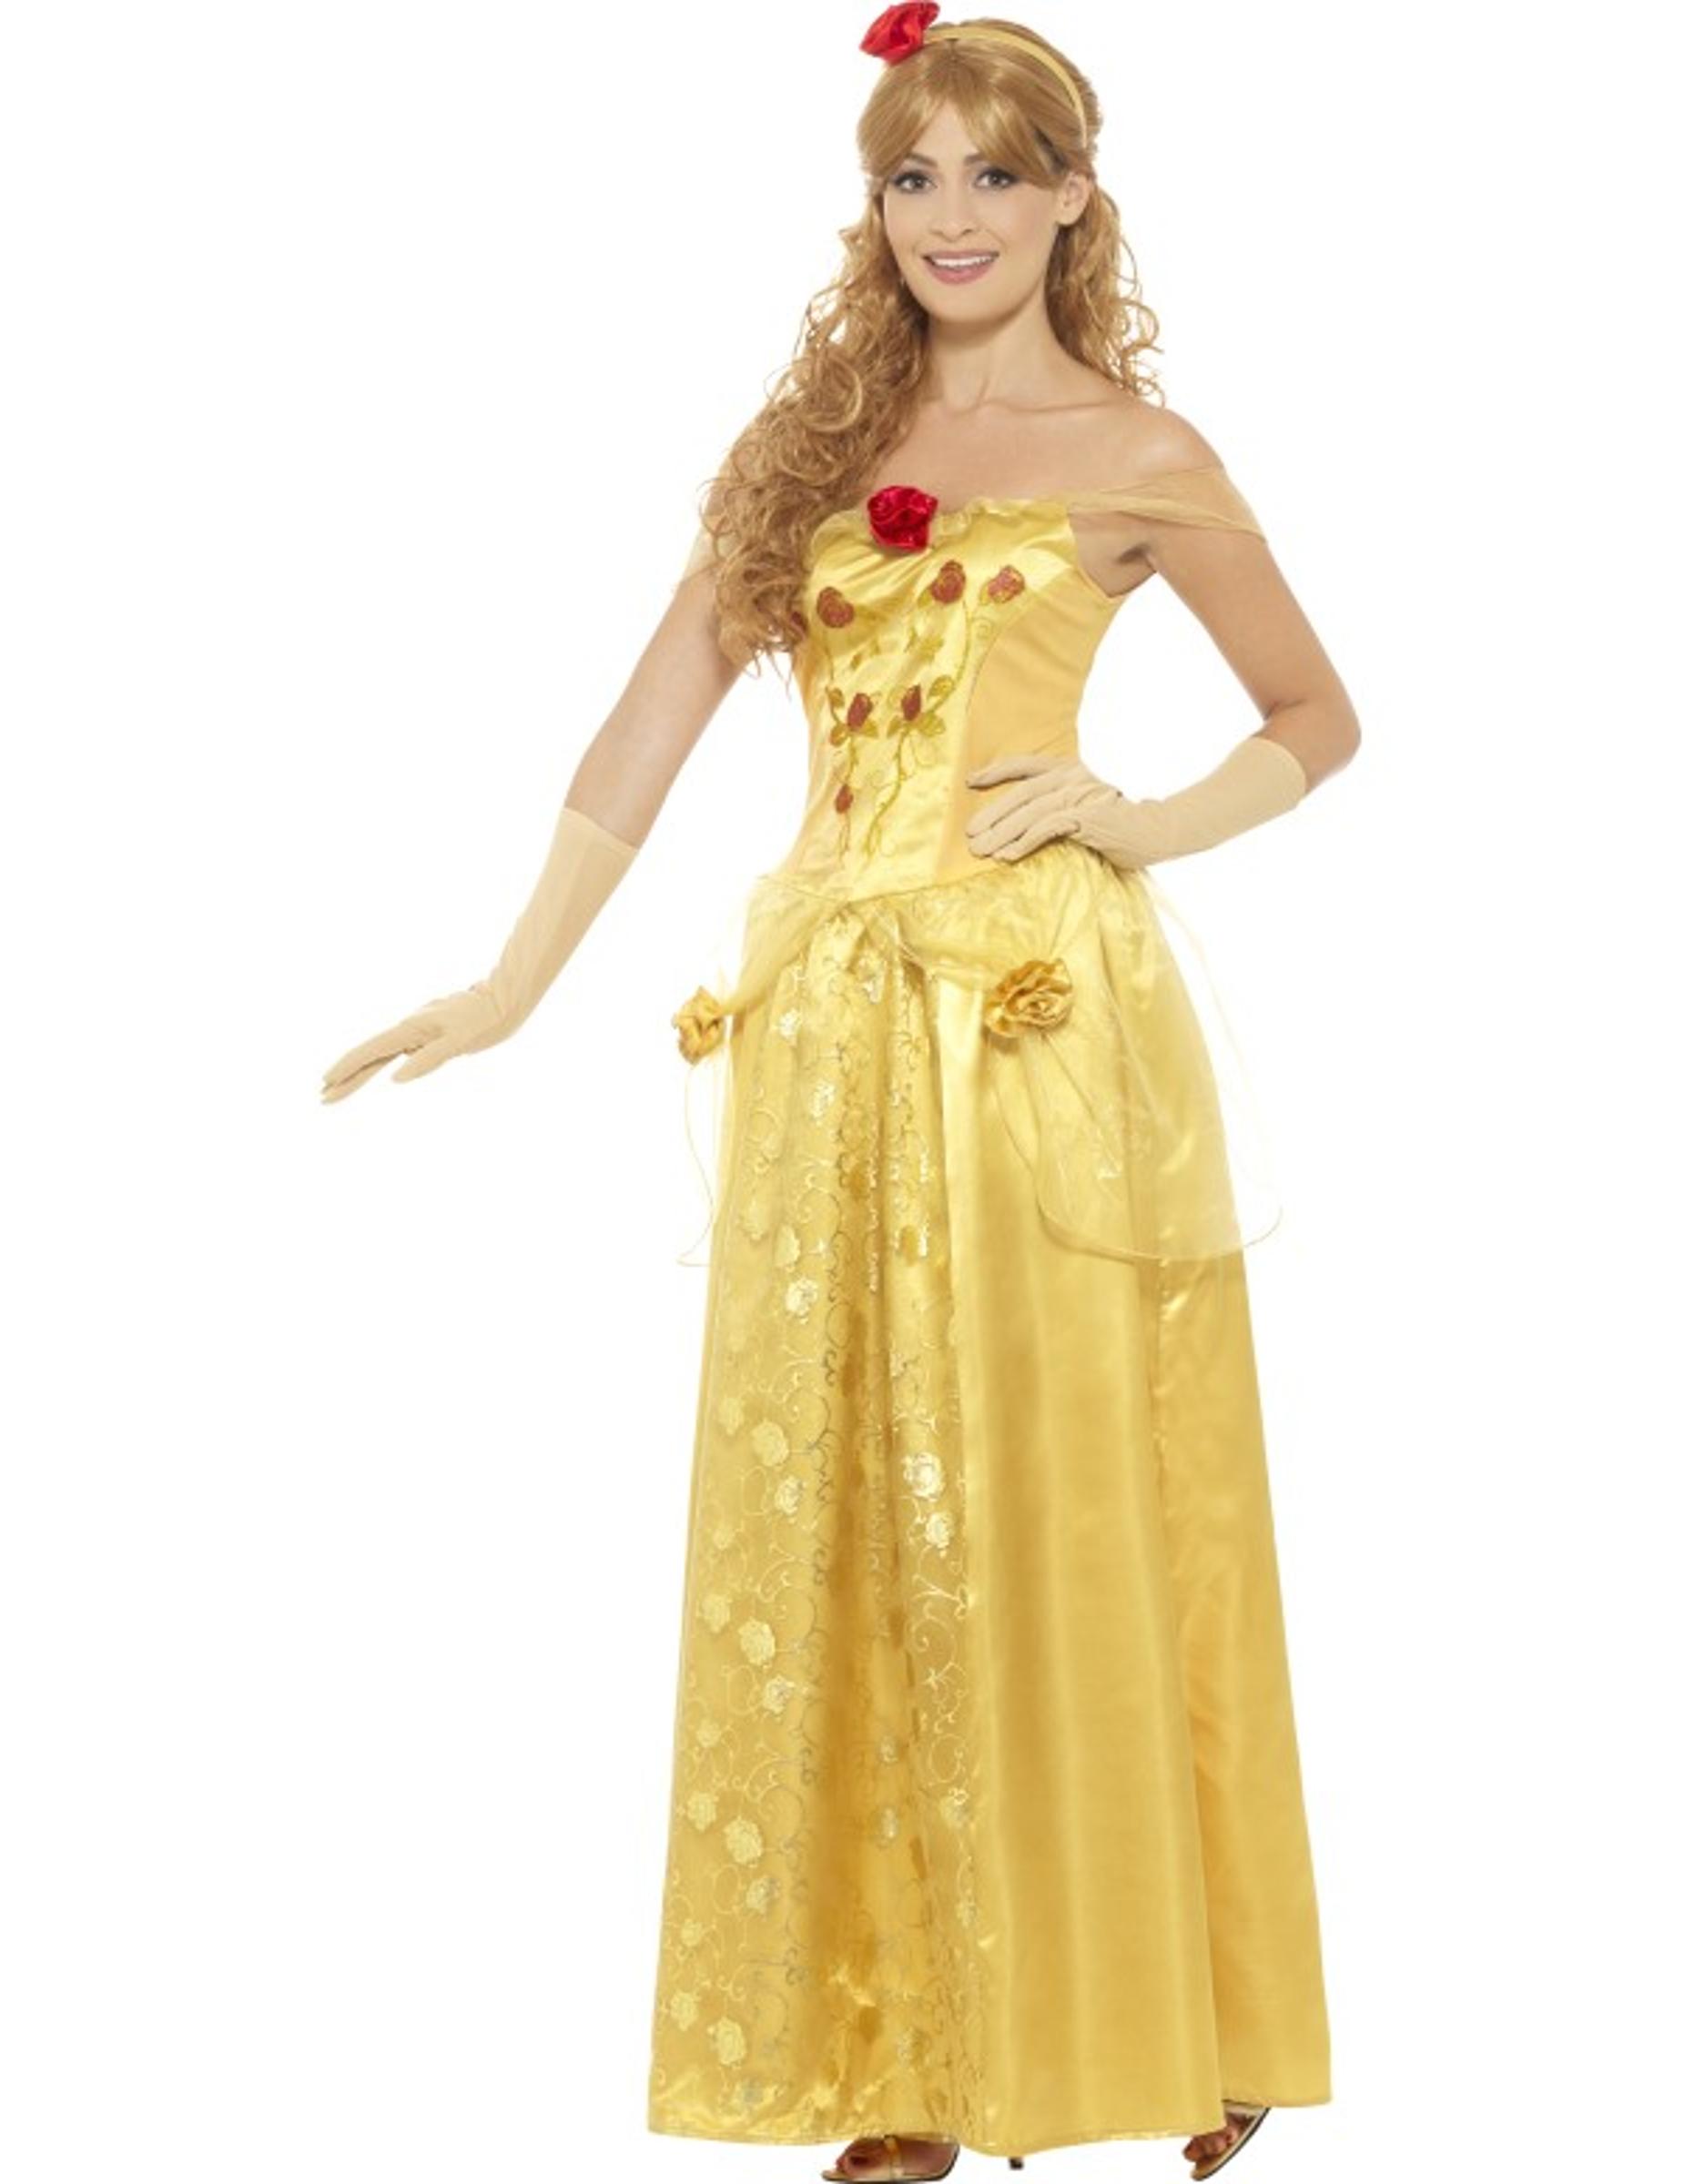 Déguisement princesse des rêves jaune femme   Deguise-toi, achat de ... 459e852a4625